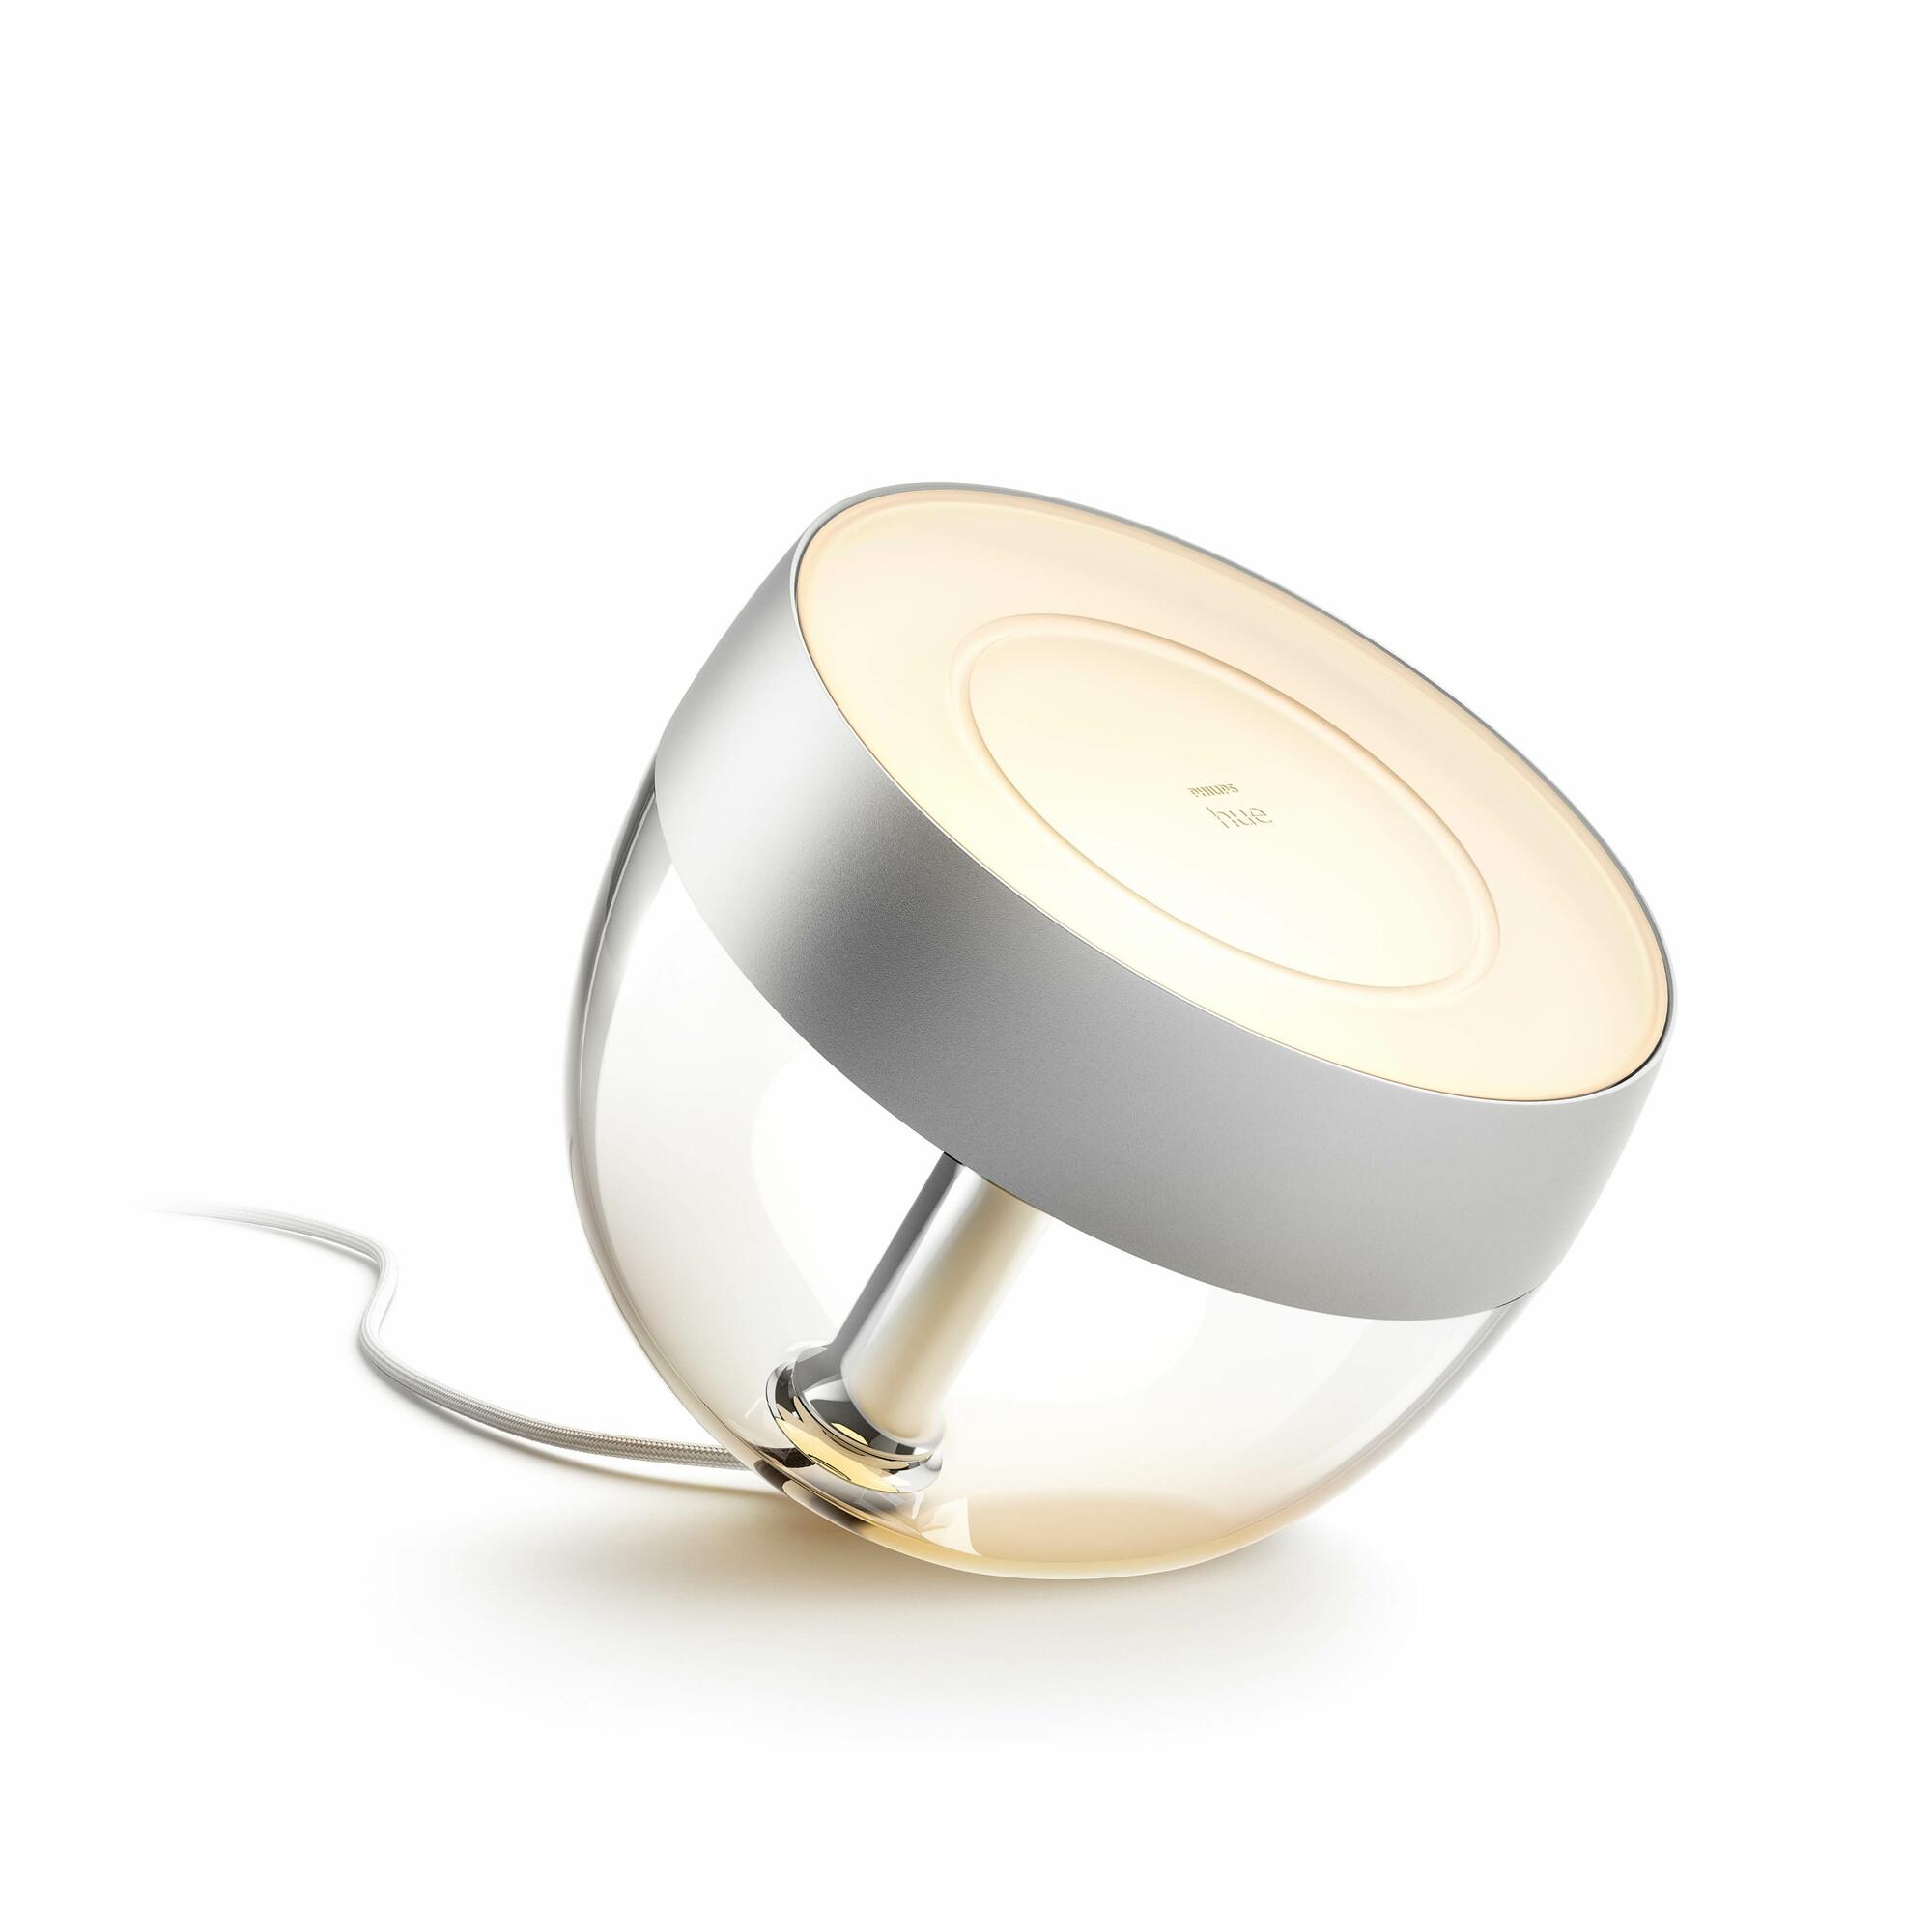 Philips HUE IRIS Lampe de table LED 1x8,1W/570lm Argent